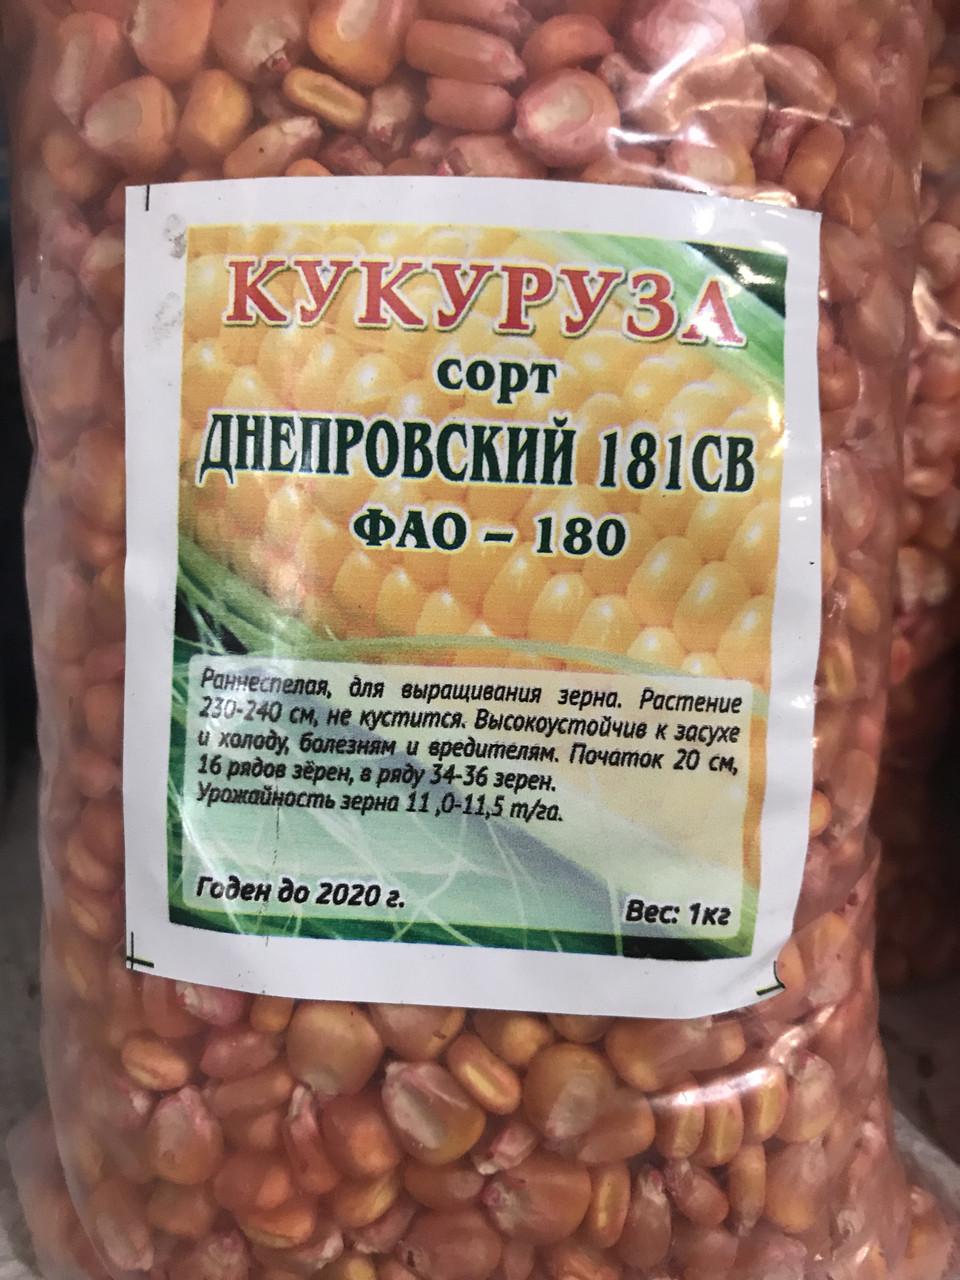 Кукуруза кормовая 1кг, сорт Днепровский 181СВ